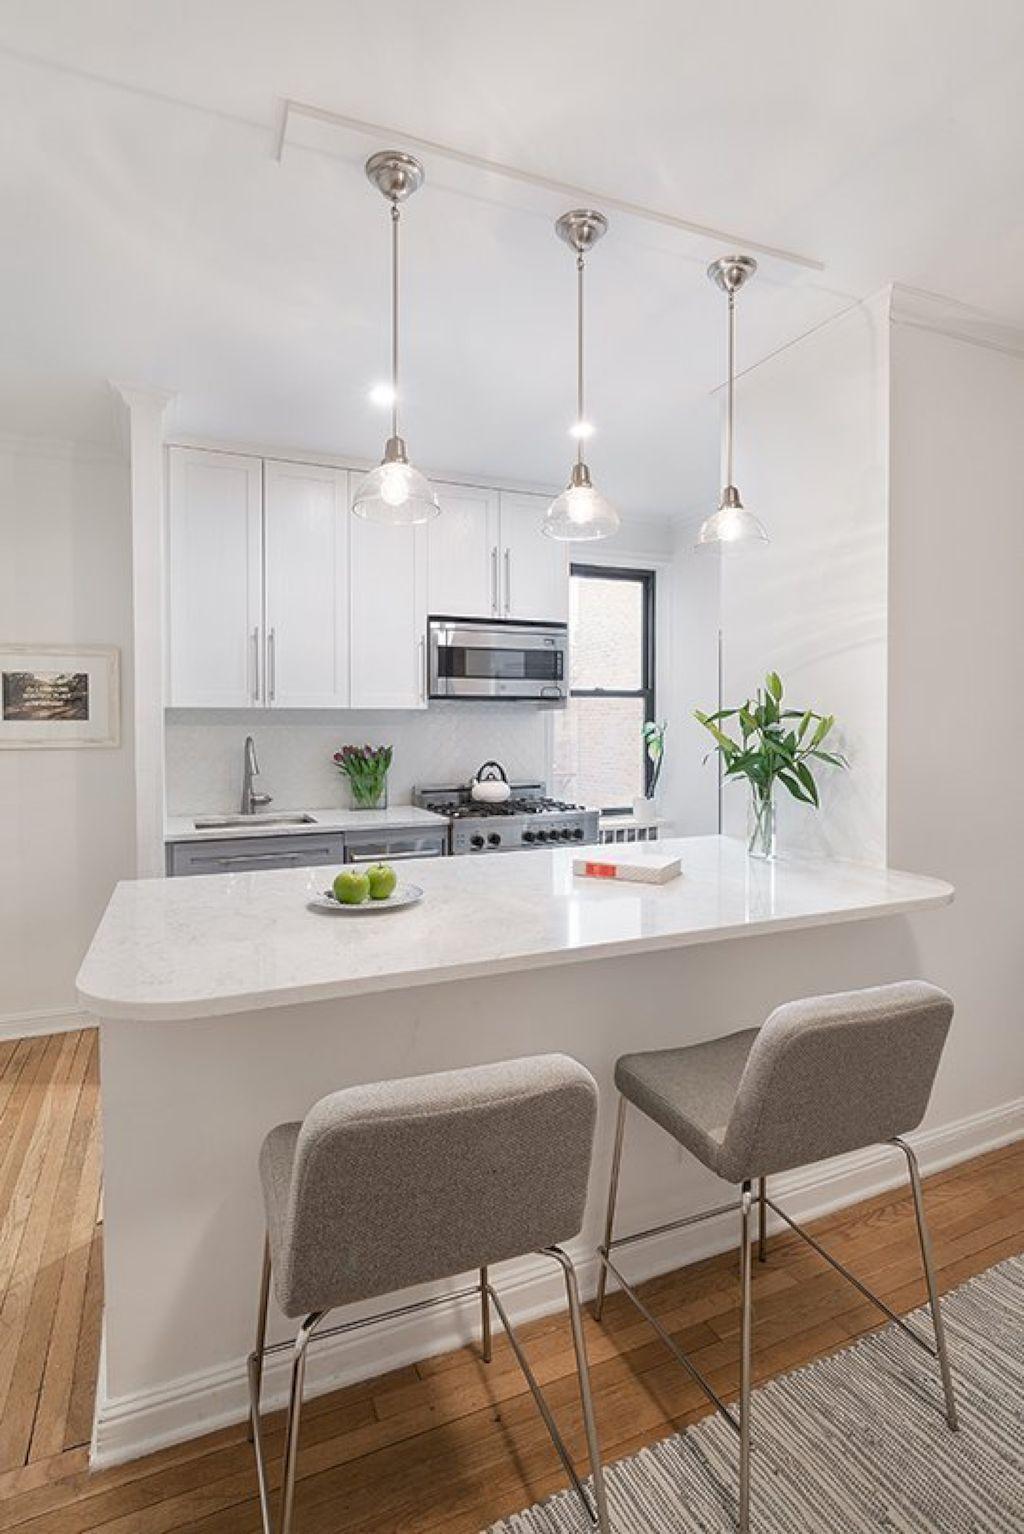 41 Small Apartment Kitchen Ideas | Cocinas y Plantas